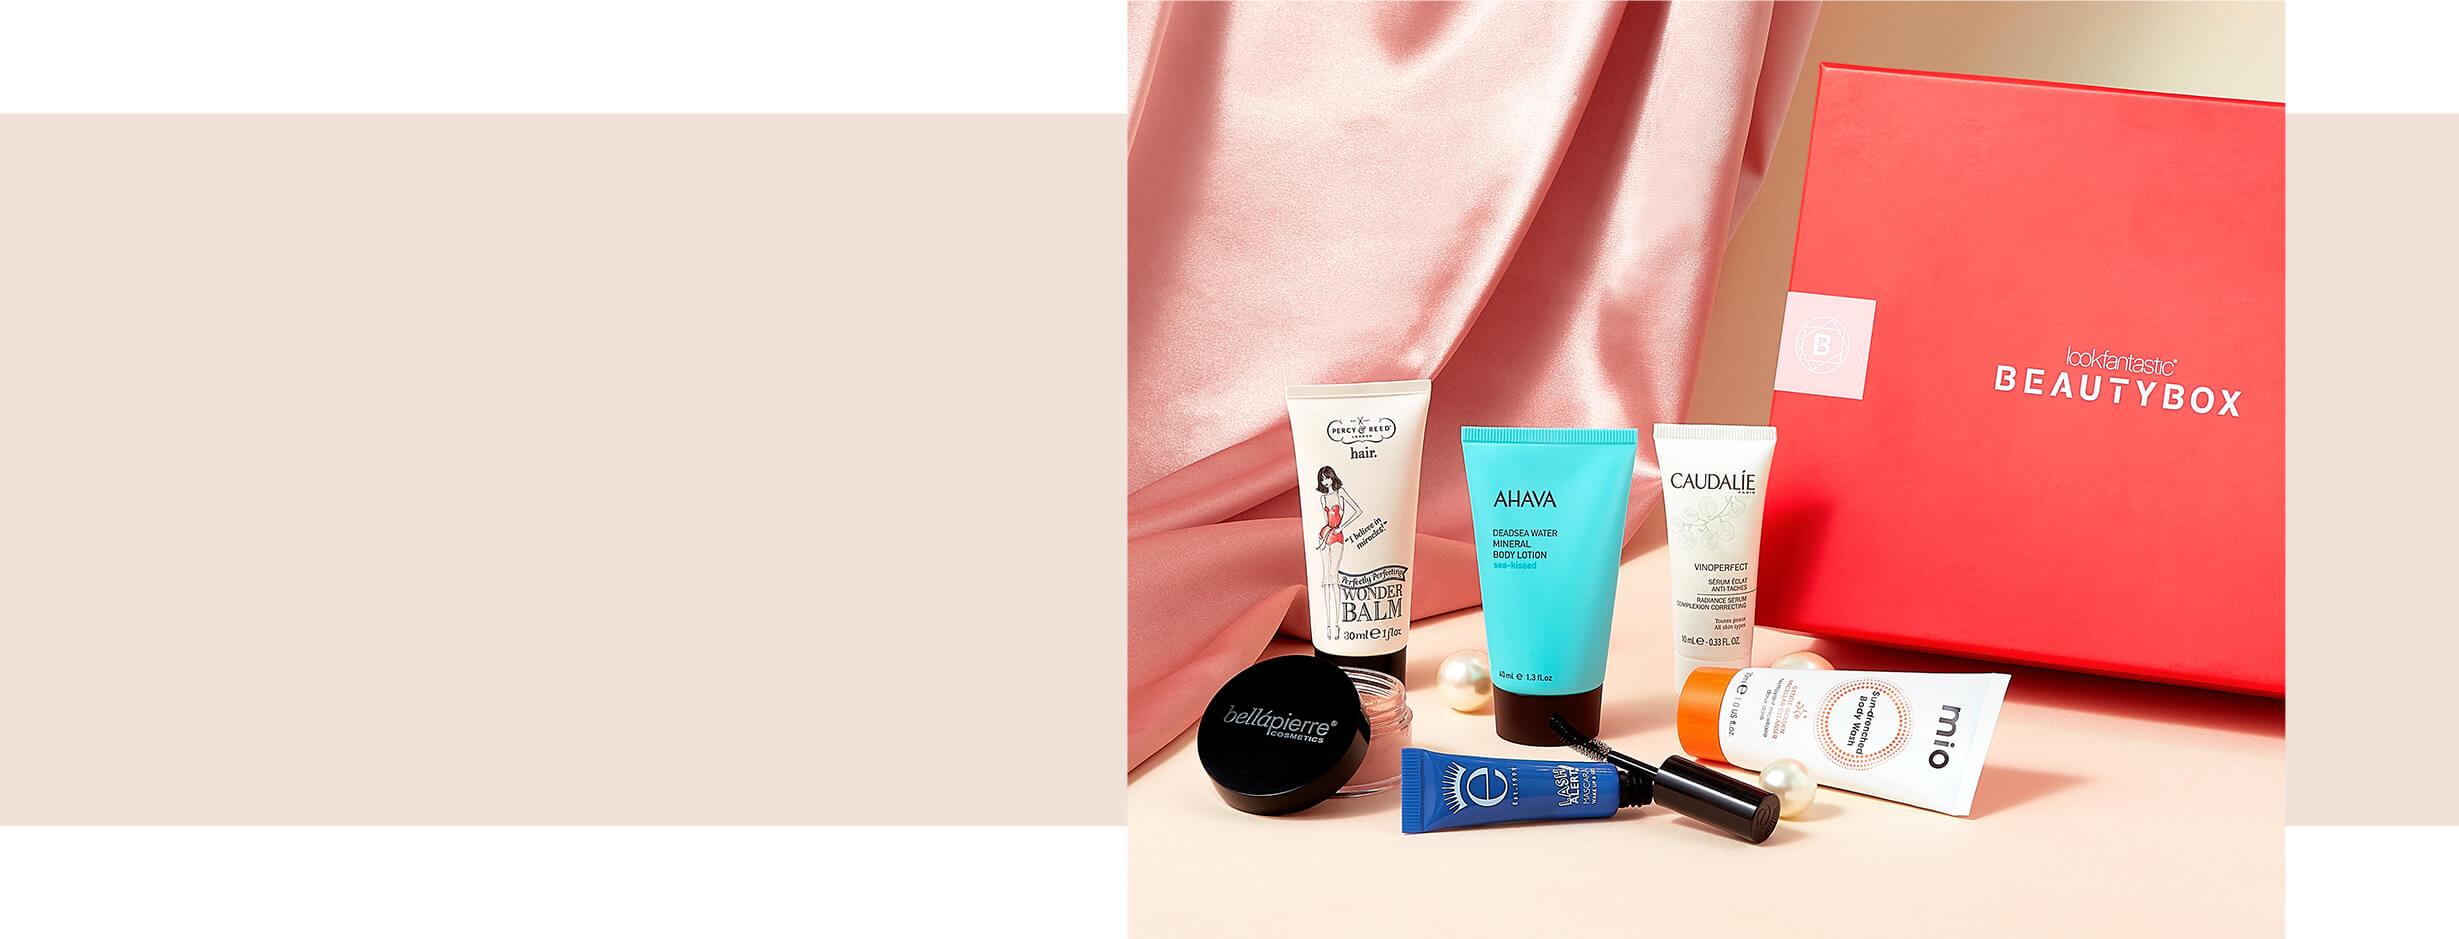 Beauty Box June Edit